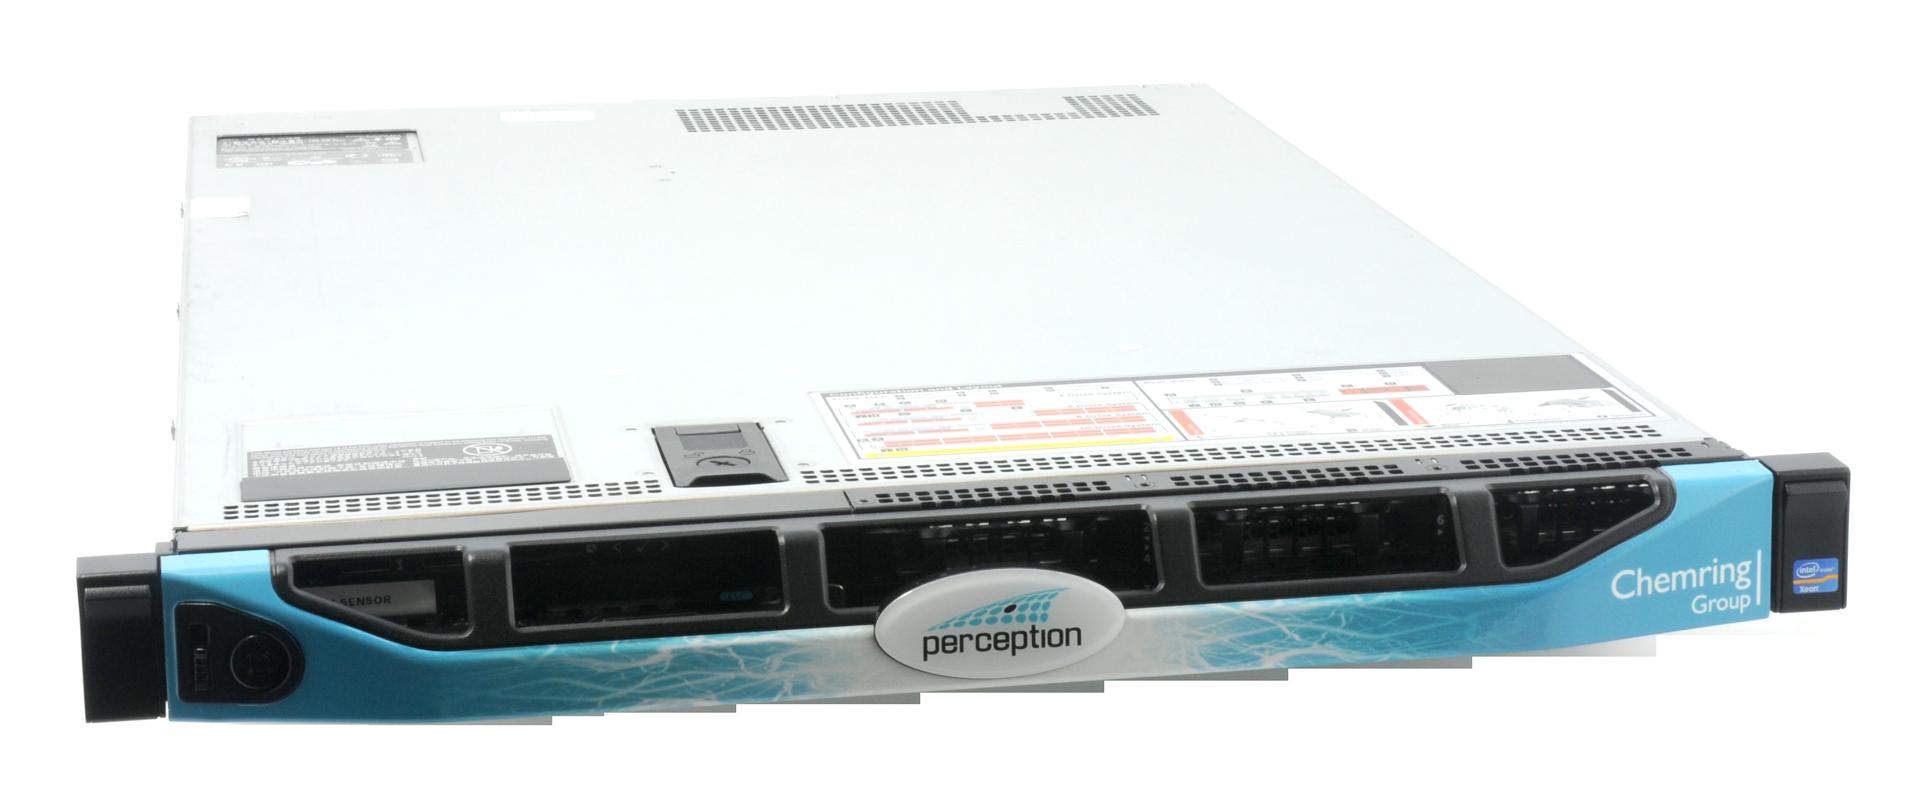 PerceptionSensor